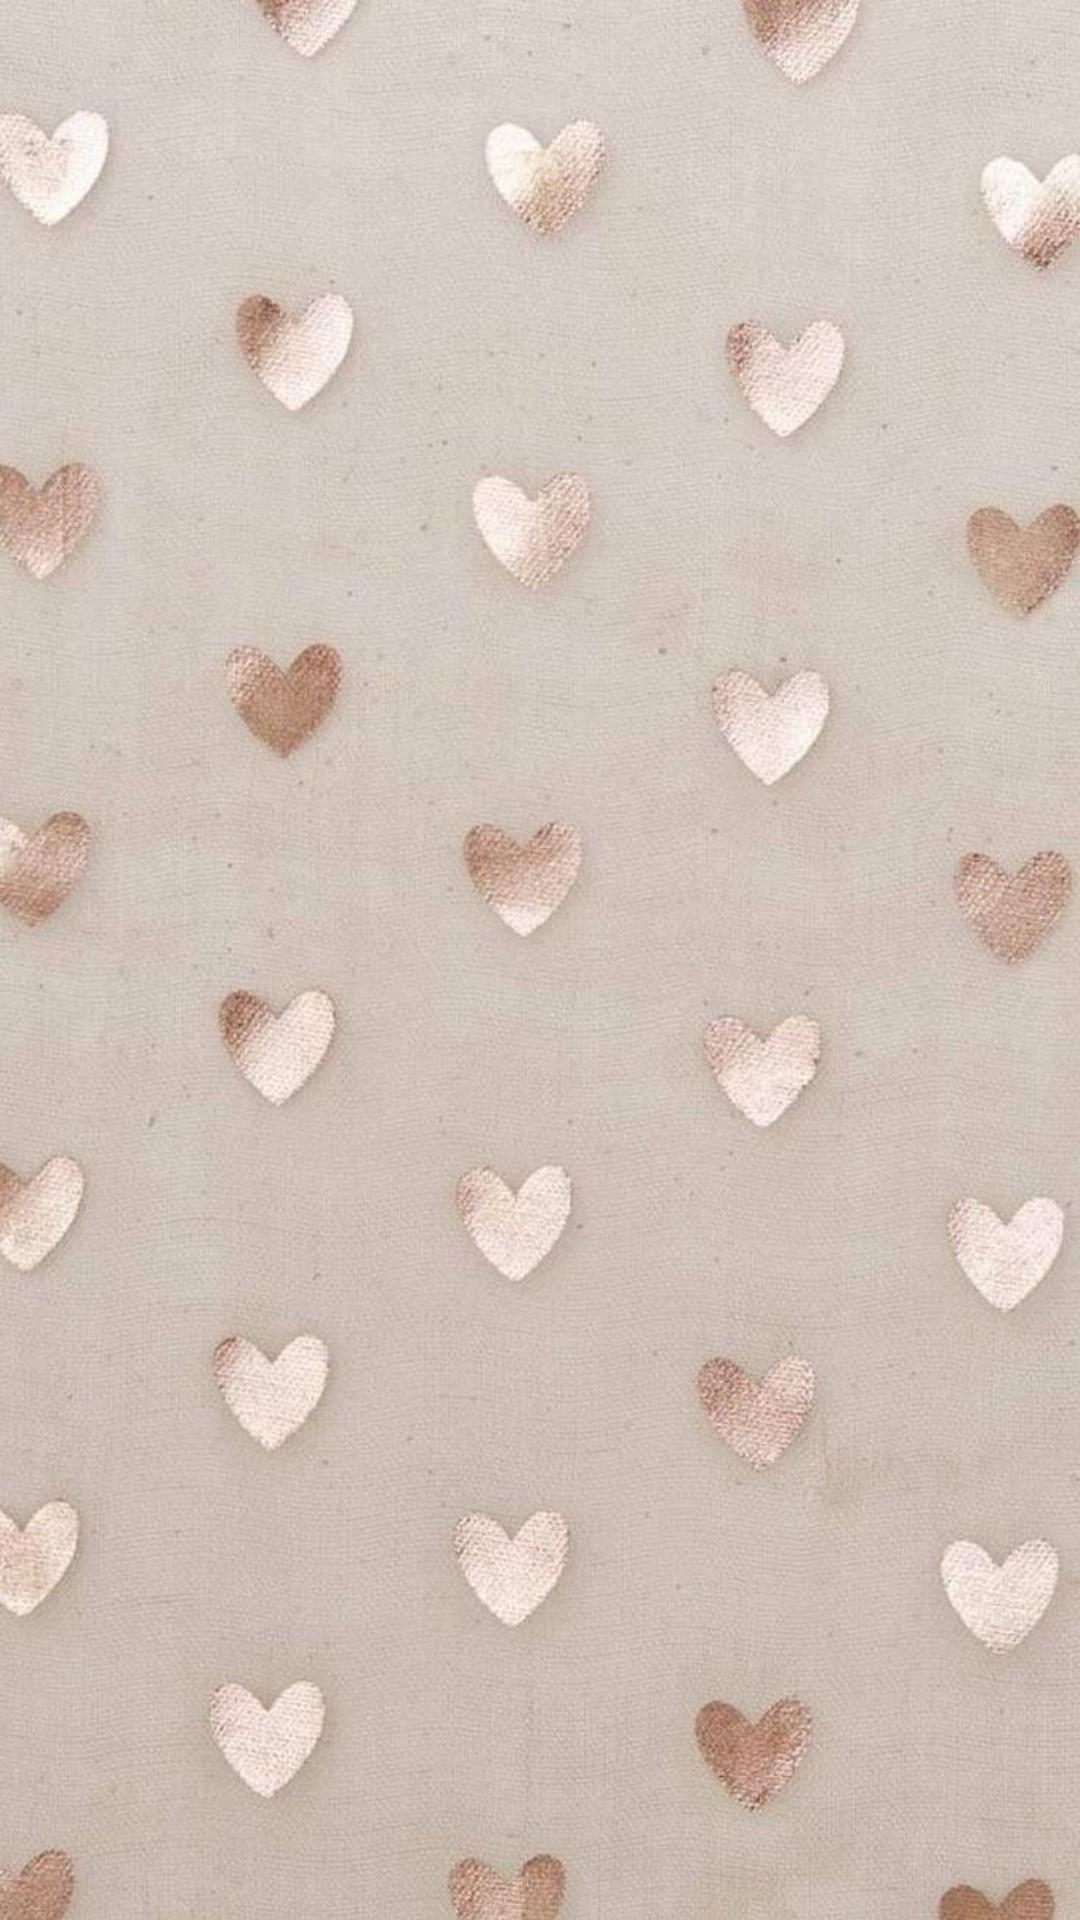 Download Kumpulan Wallpaper Iphone Rose Gold Hd HD Terbaru